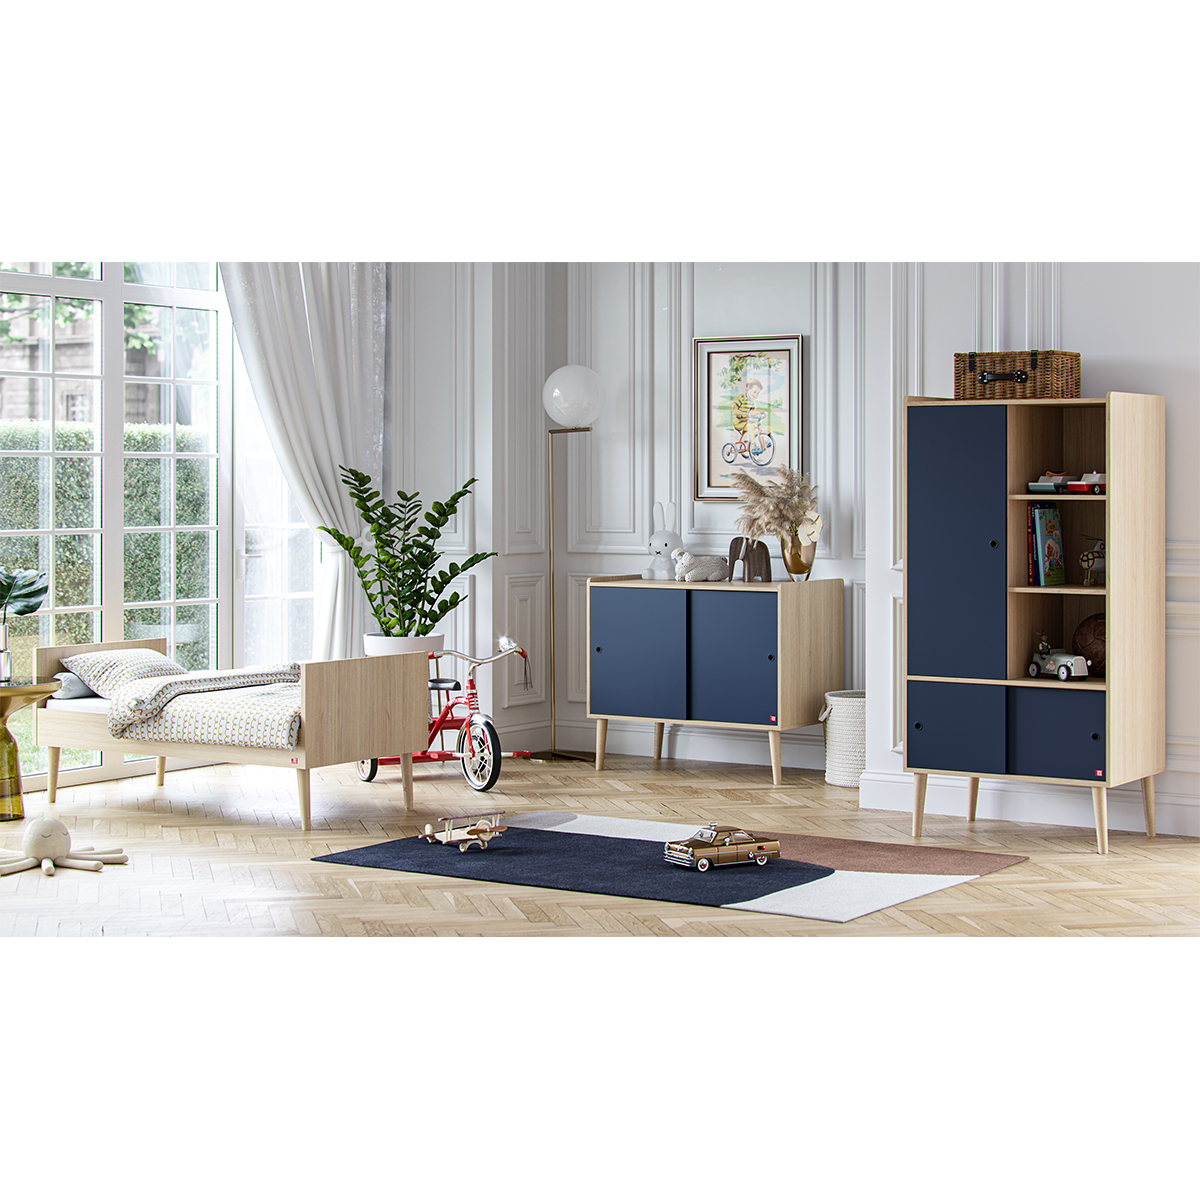 Chambre complète lit évolutif 70x140 - commode et armoire 1 porte Vox Retro - Bois Bleu